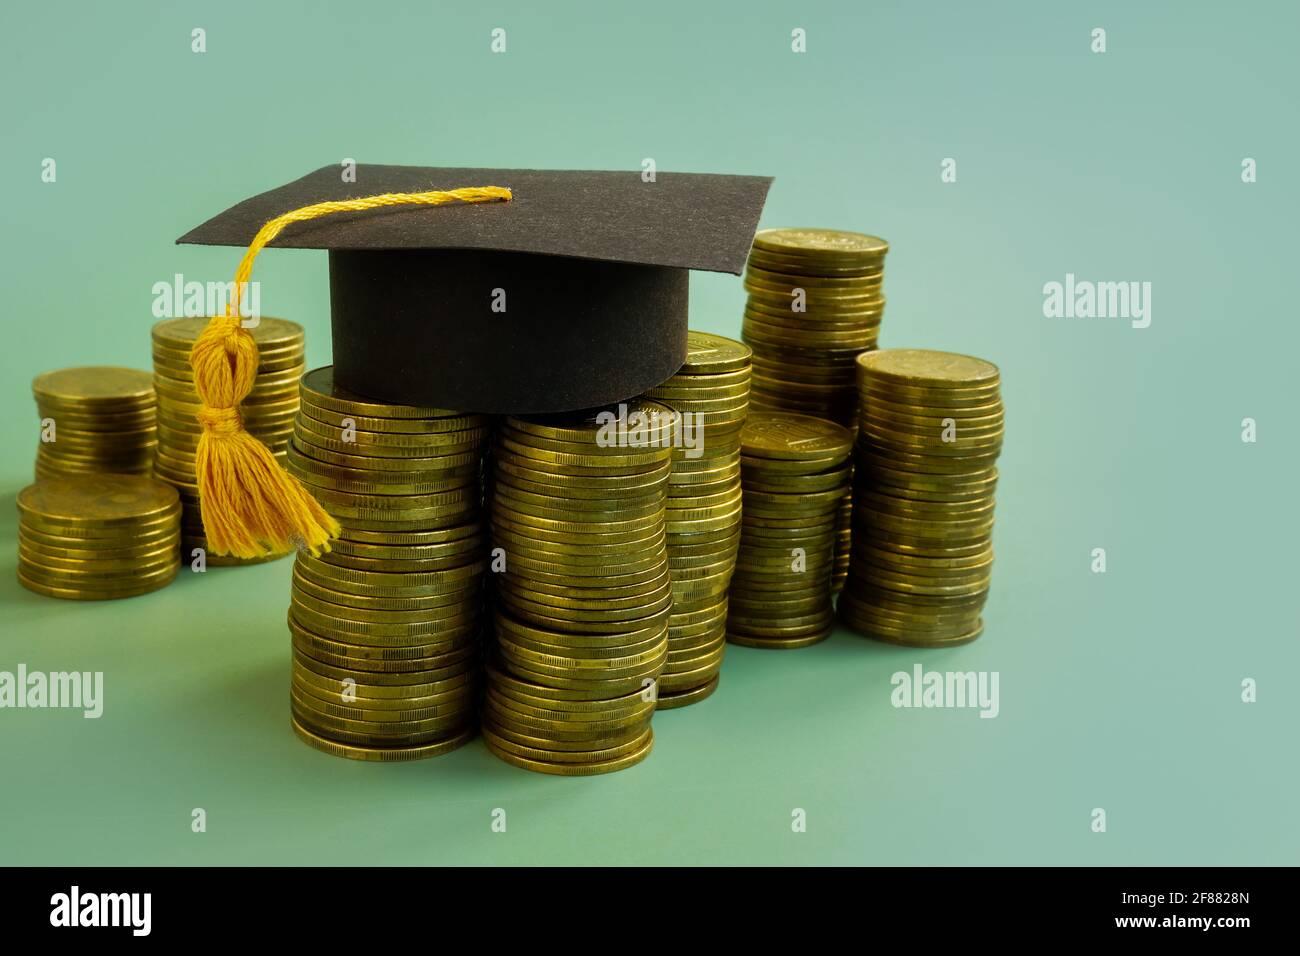 Concepto de ahorro para la educación. Tapa de graduación y dinero. Foto de stock